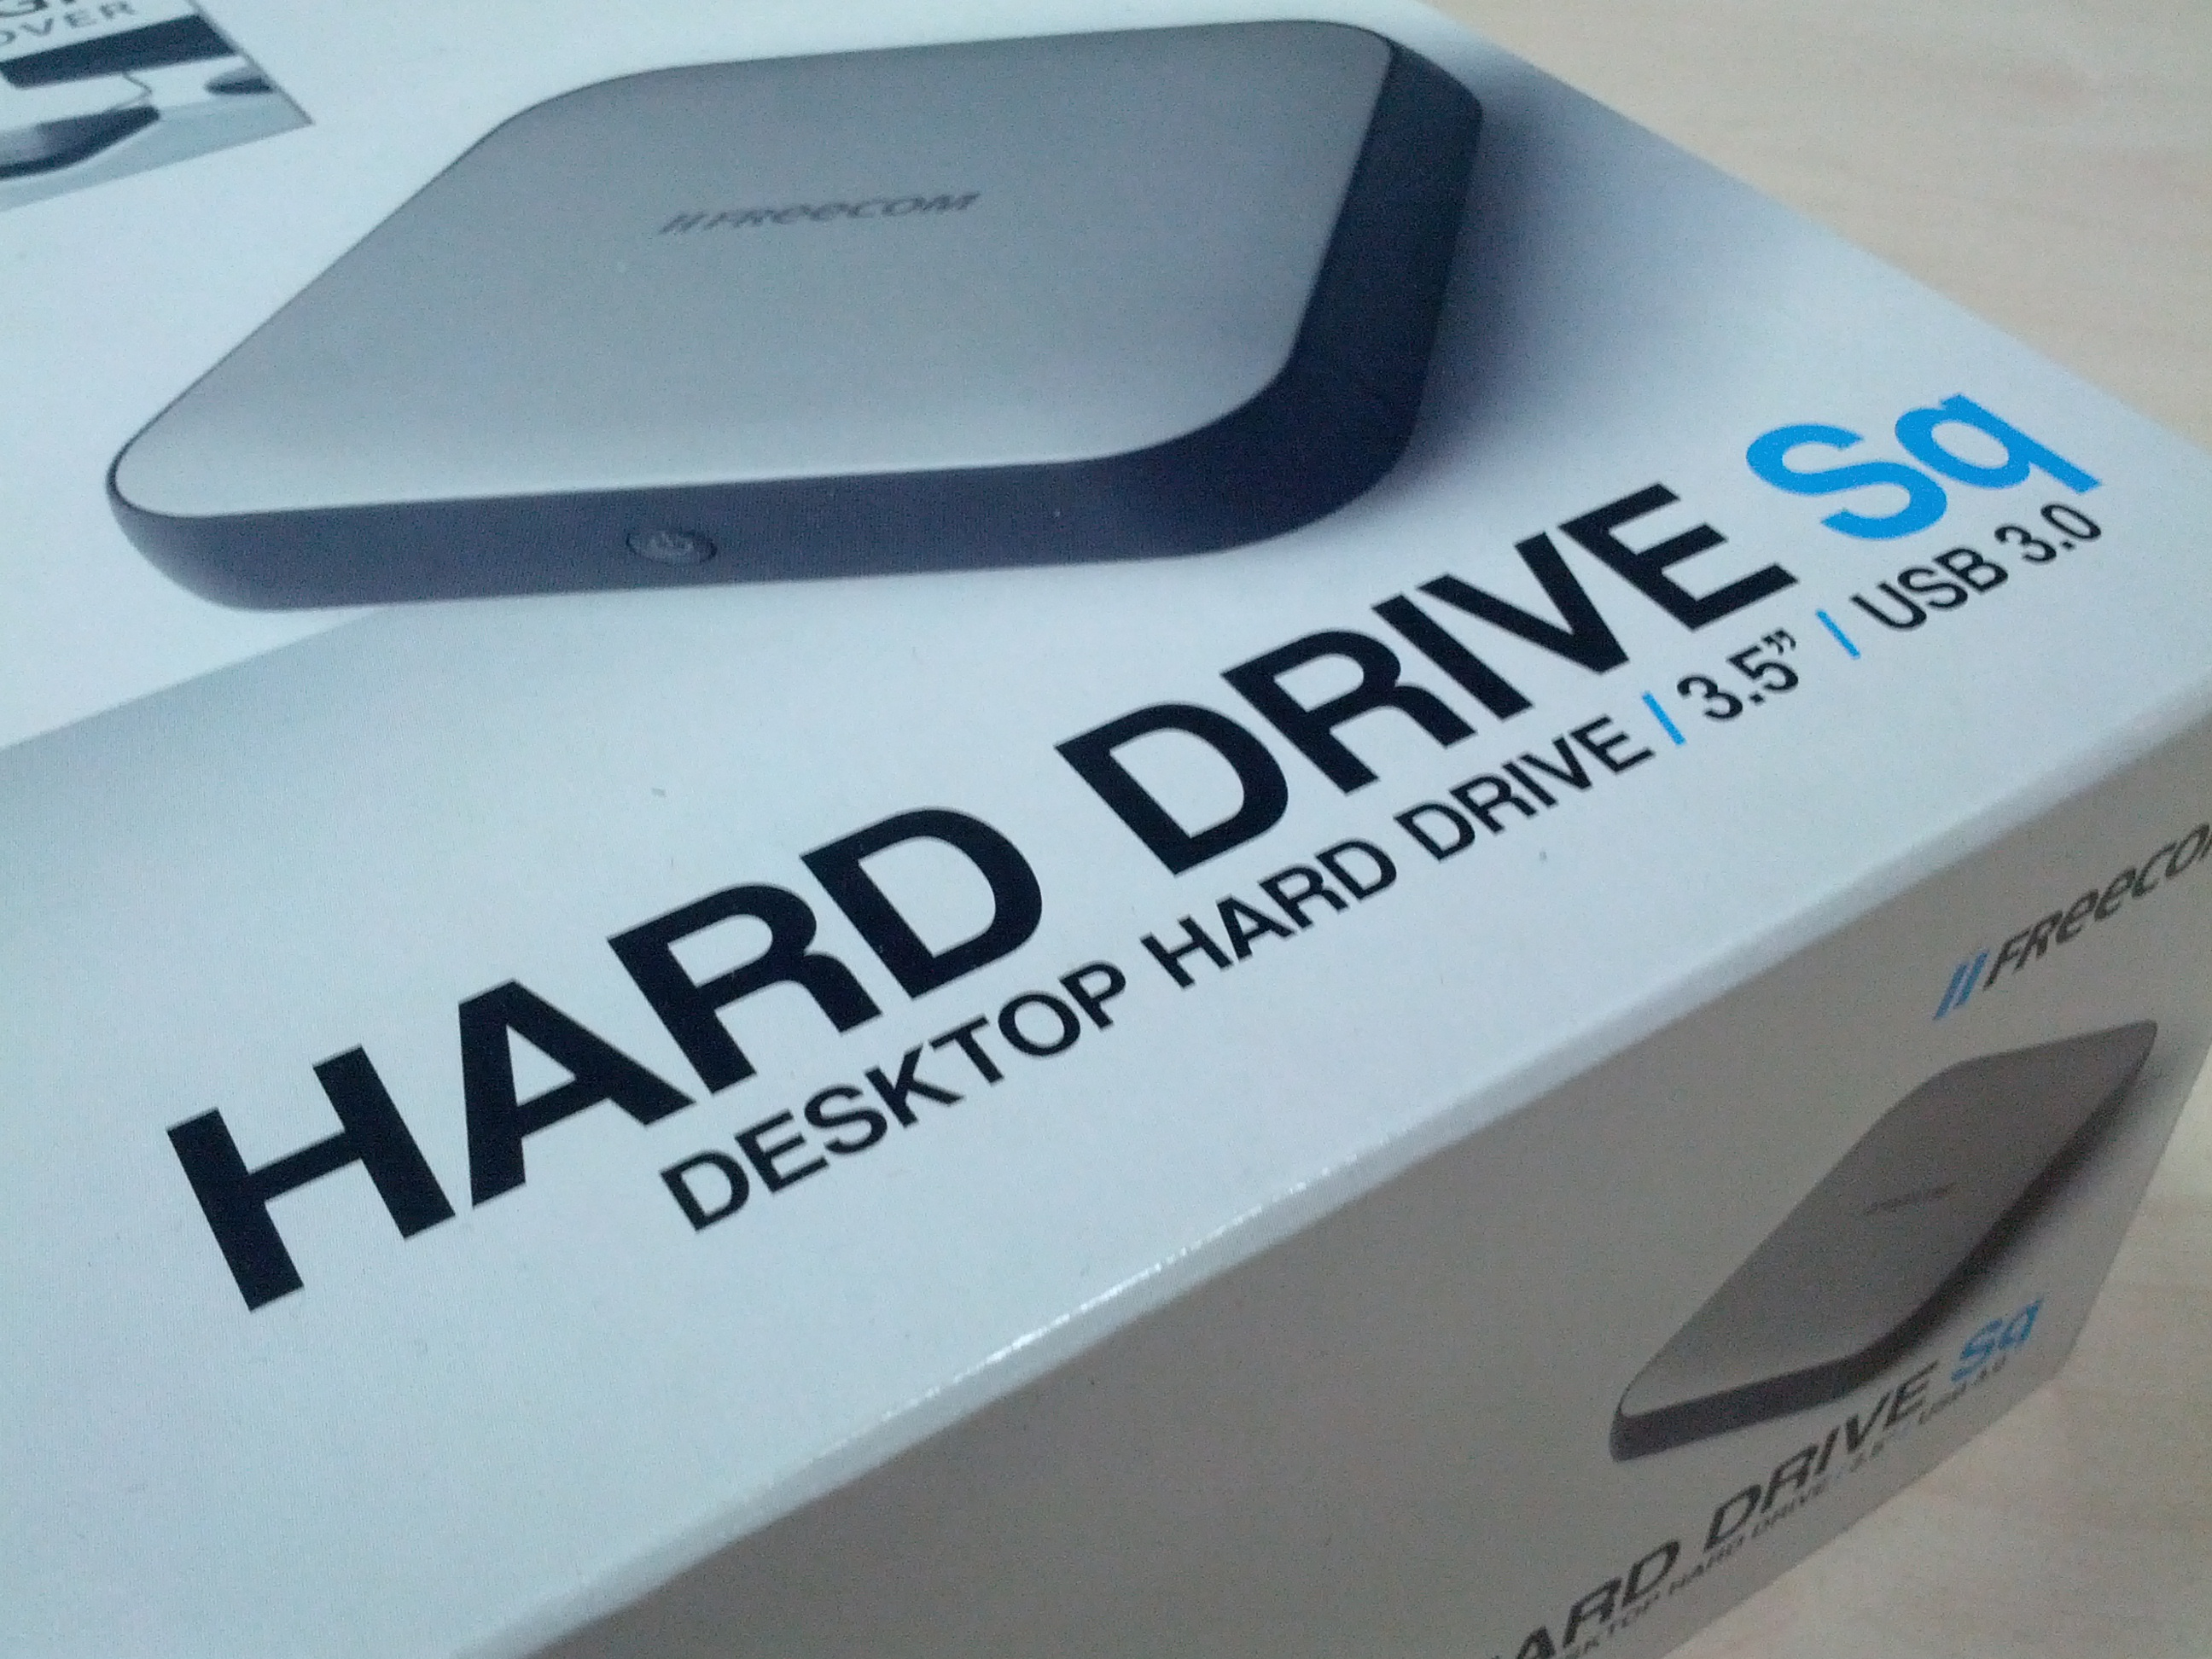 Внутри 3,5-дюймовый жесткий диск, поддерживает USB 3.0